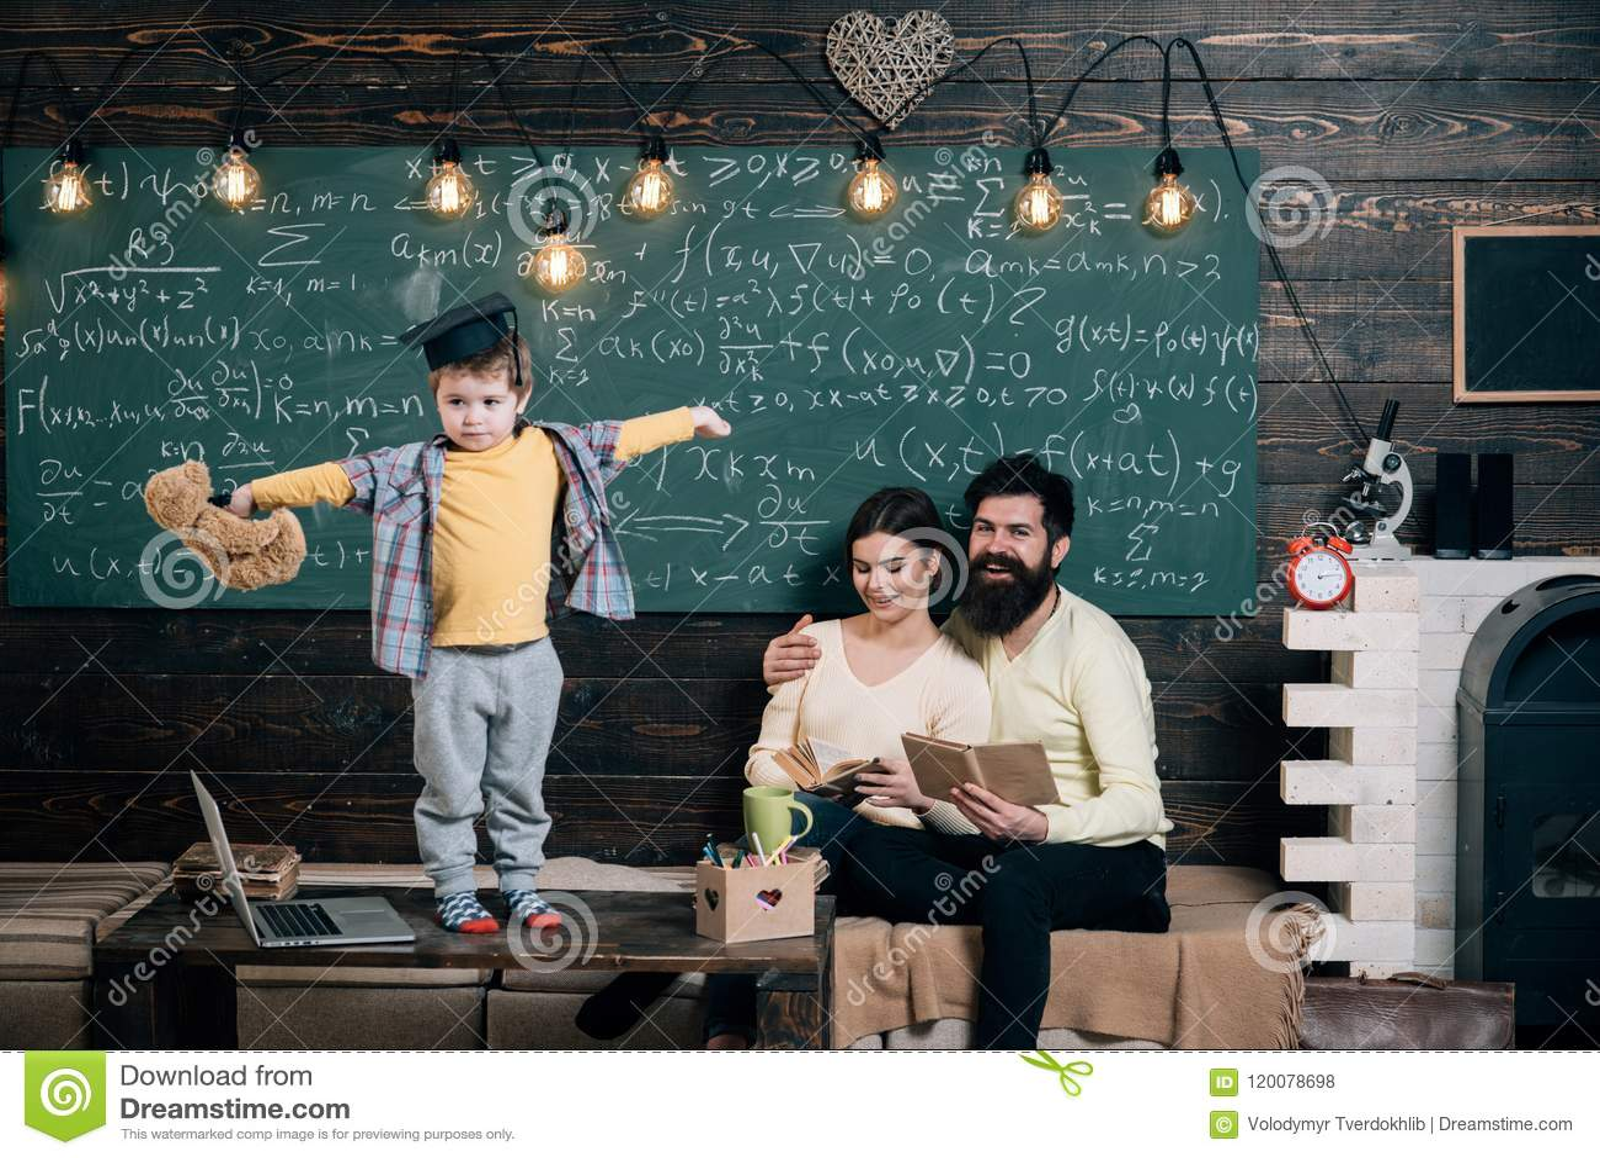 τρισδιάστατη αστραπή hdri έννοιας που δίνει την υποστήριξη Το παιδί κρατά ότι teddy αντέξτε και εκτελώντας Αγόρι που παρουσιάζει